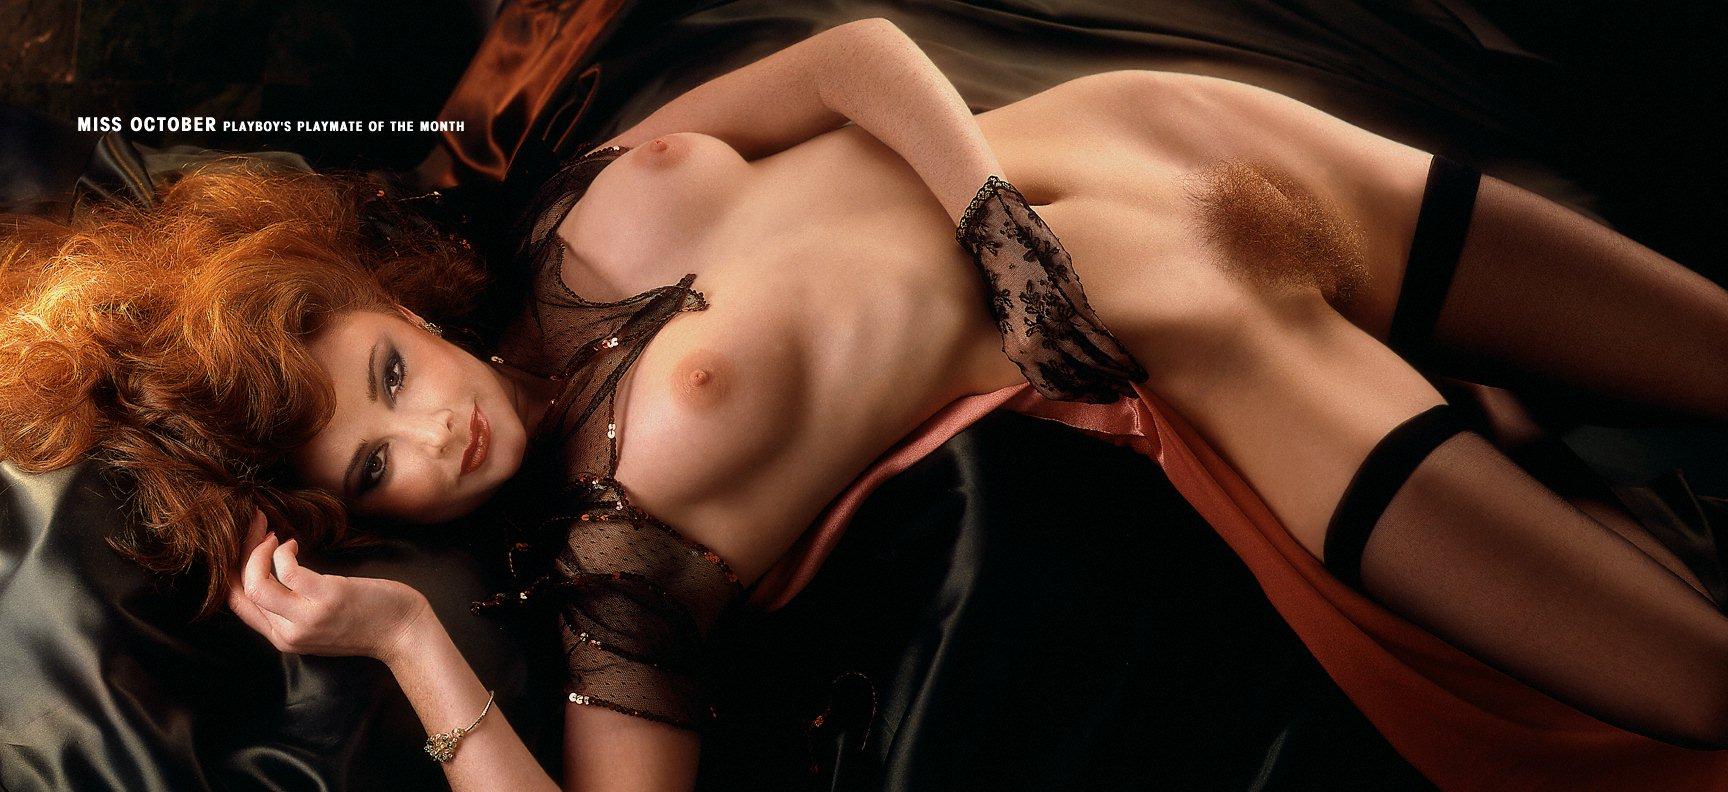 smotret-video-pleyboy-erotika